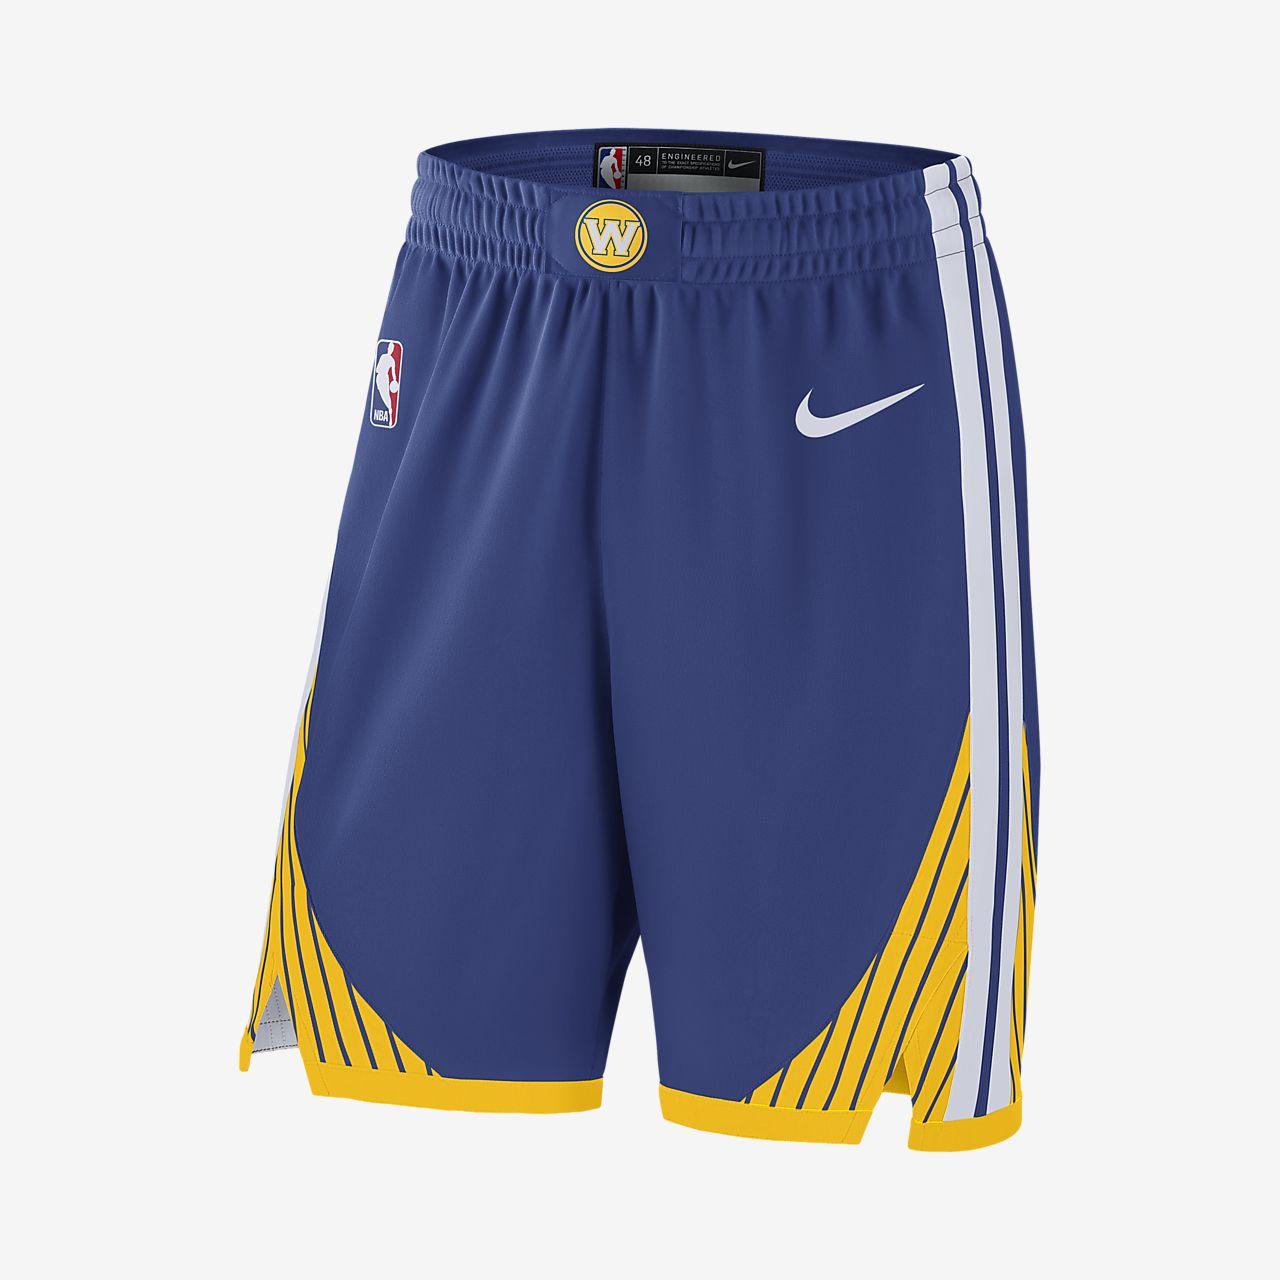 Men's Authentic Shorts